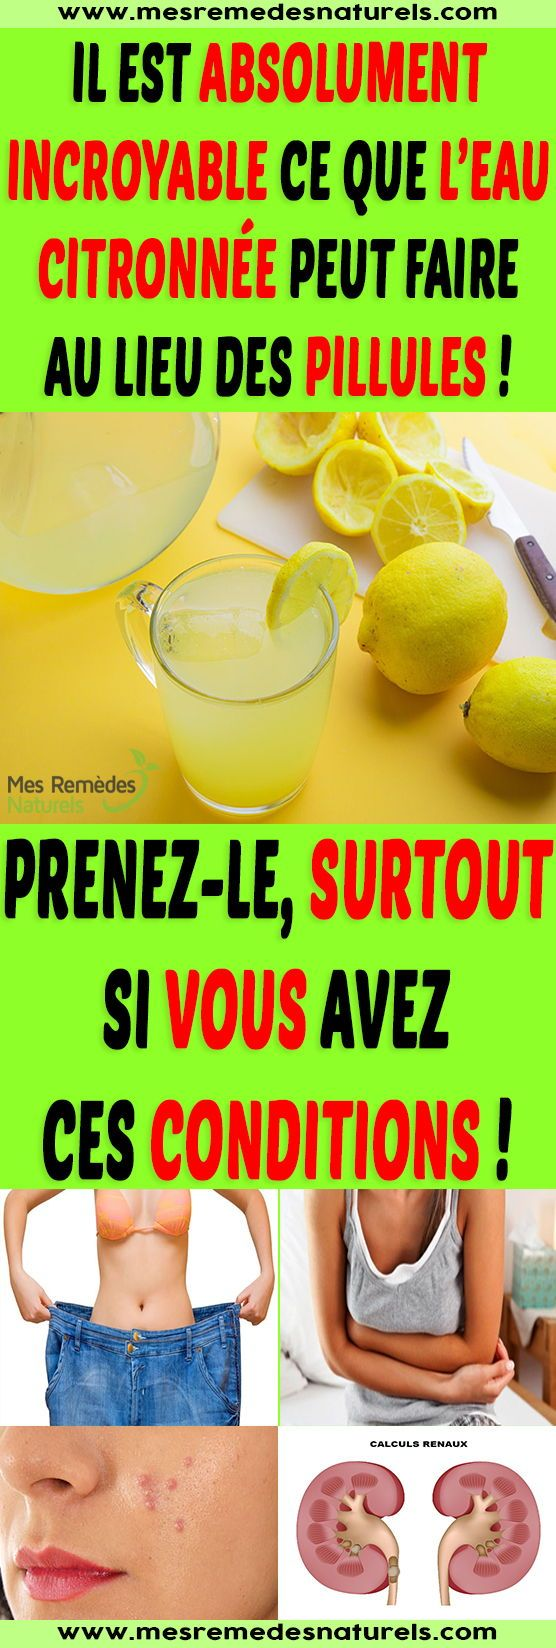 Il est absolument incroyable ce que l'eau citronnée peut